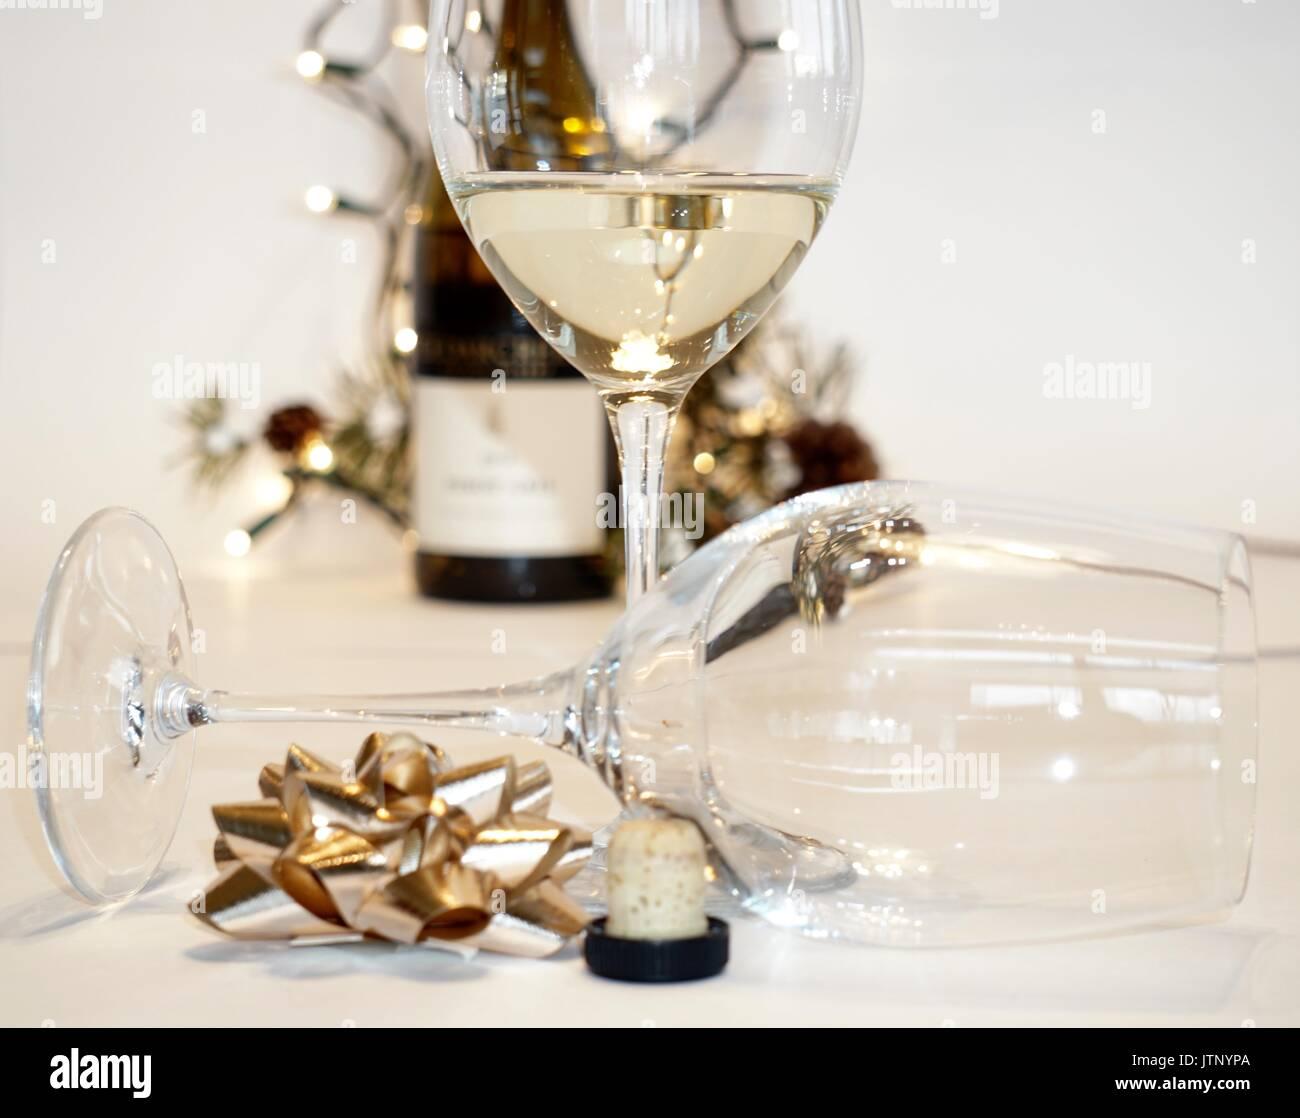 Zwei Weingläser mit Weißwein, Flasche und Weihnachtsdekor Stockfoto ...